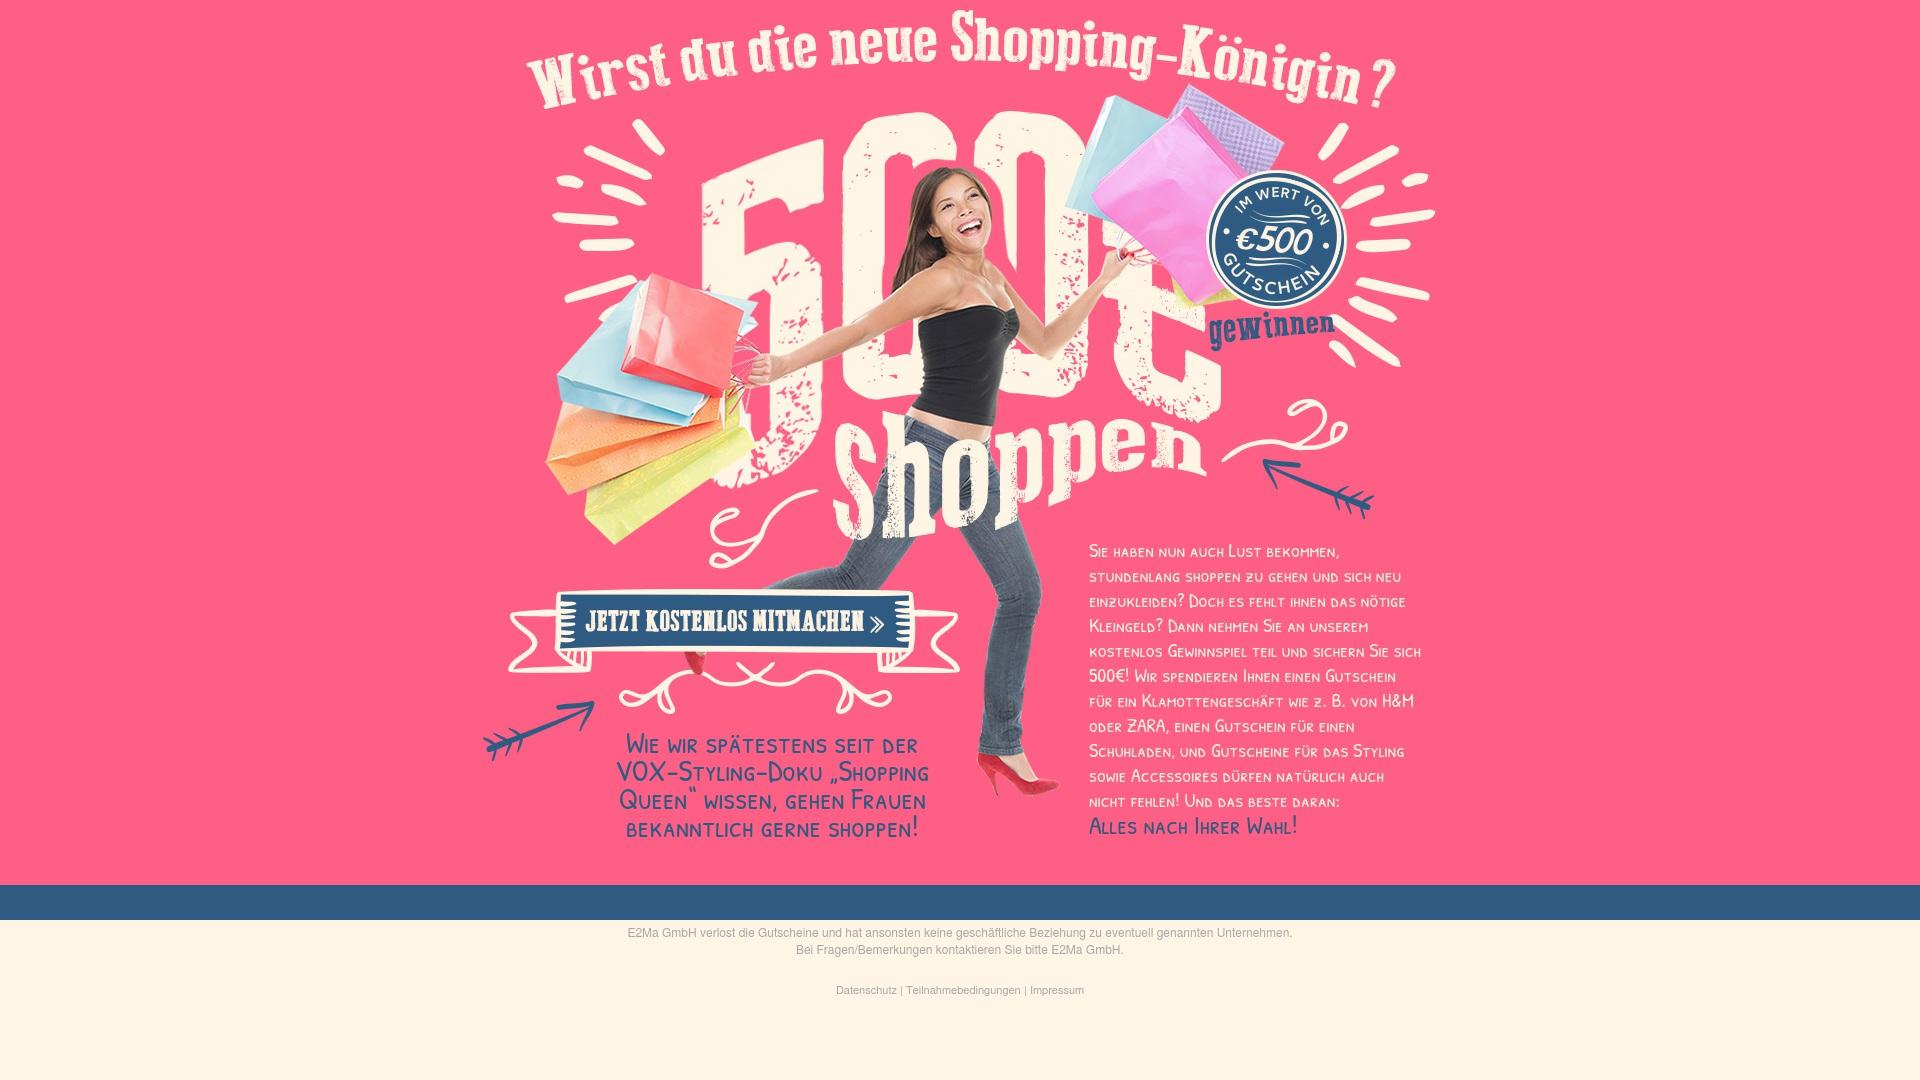 Gutschein für Shopping-gratis: Rabatte für  Shopping-gratis sichern